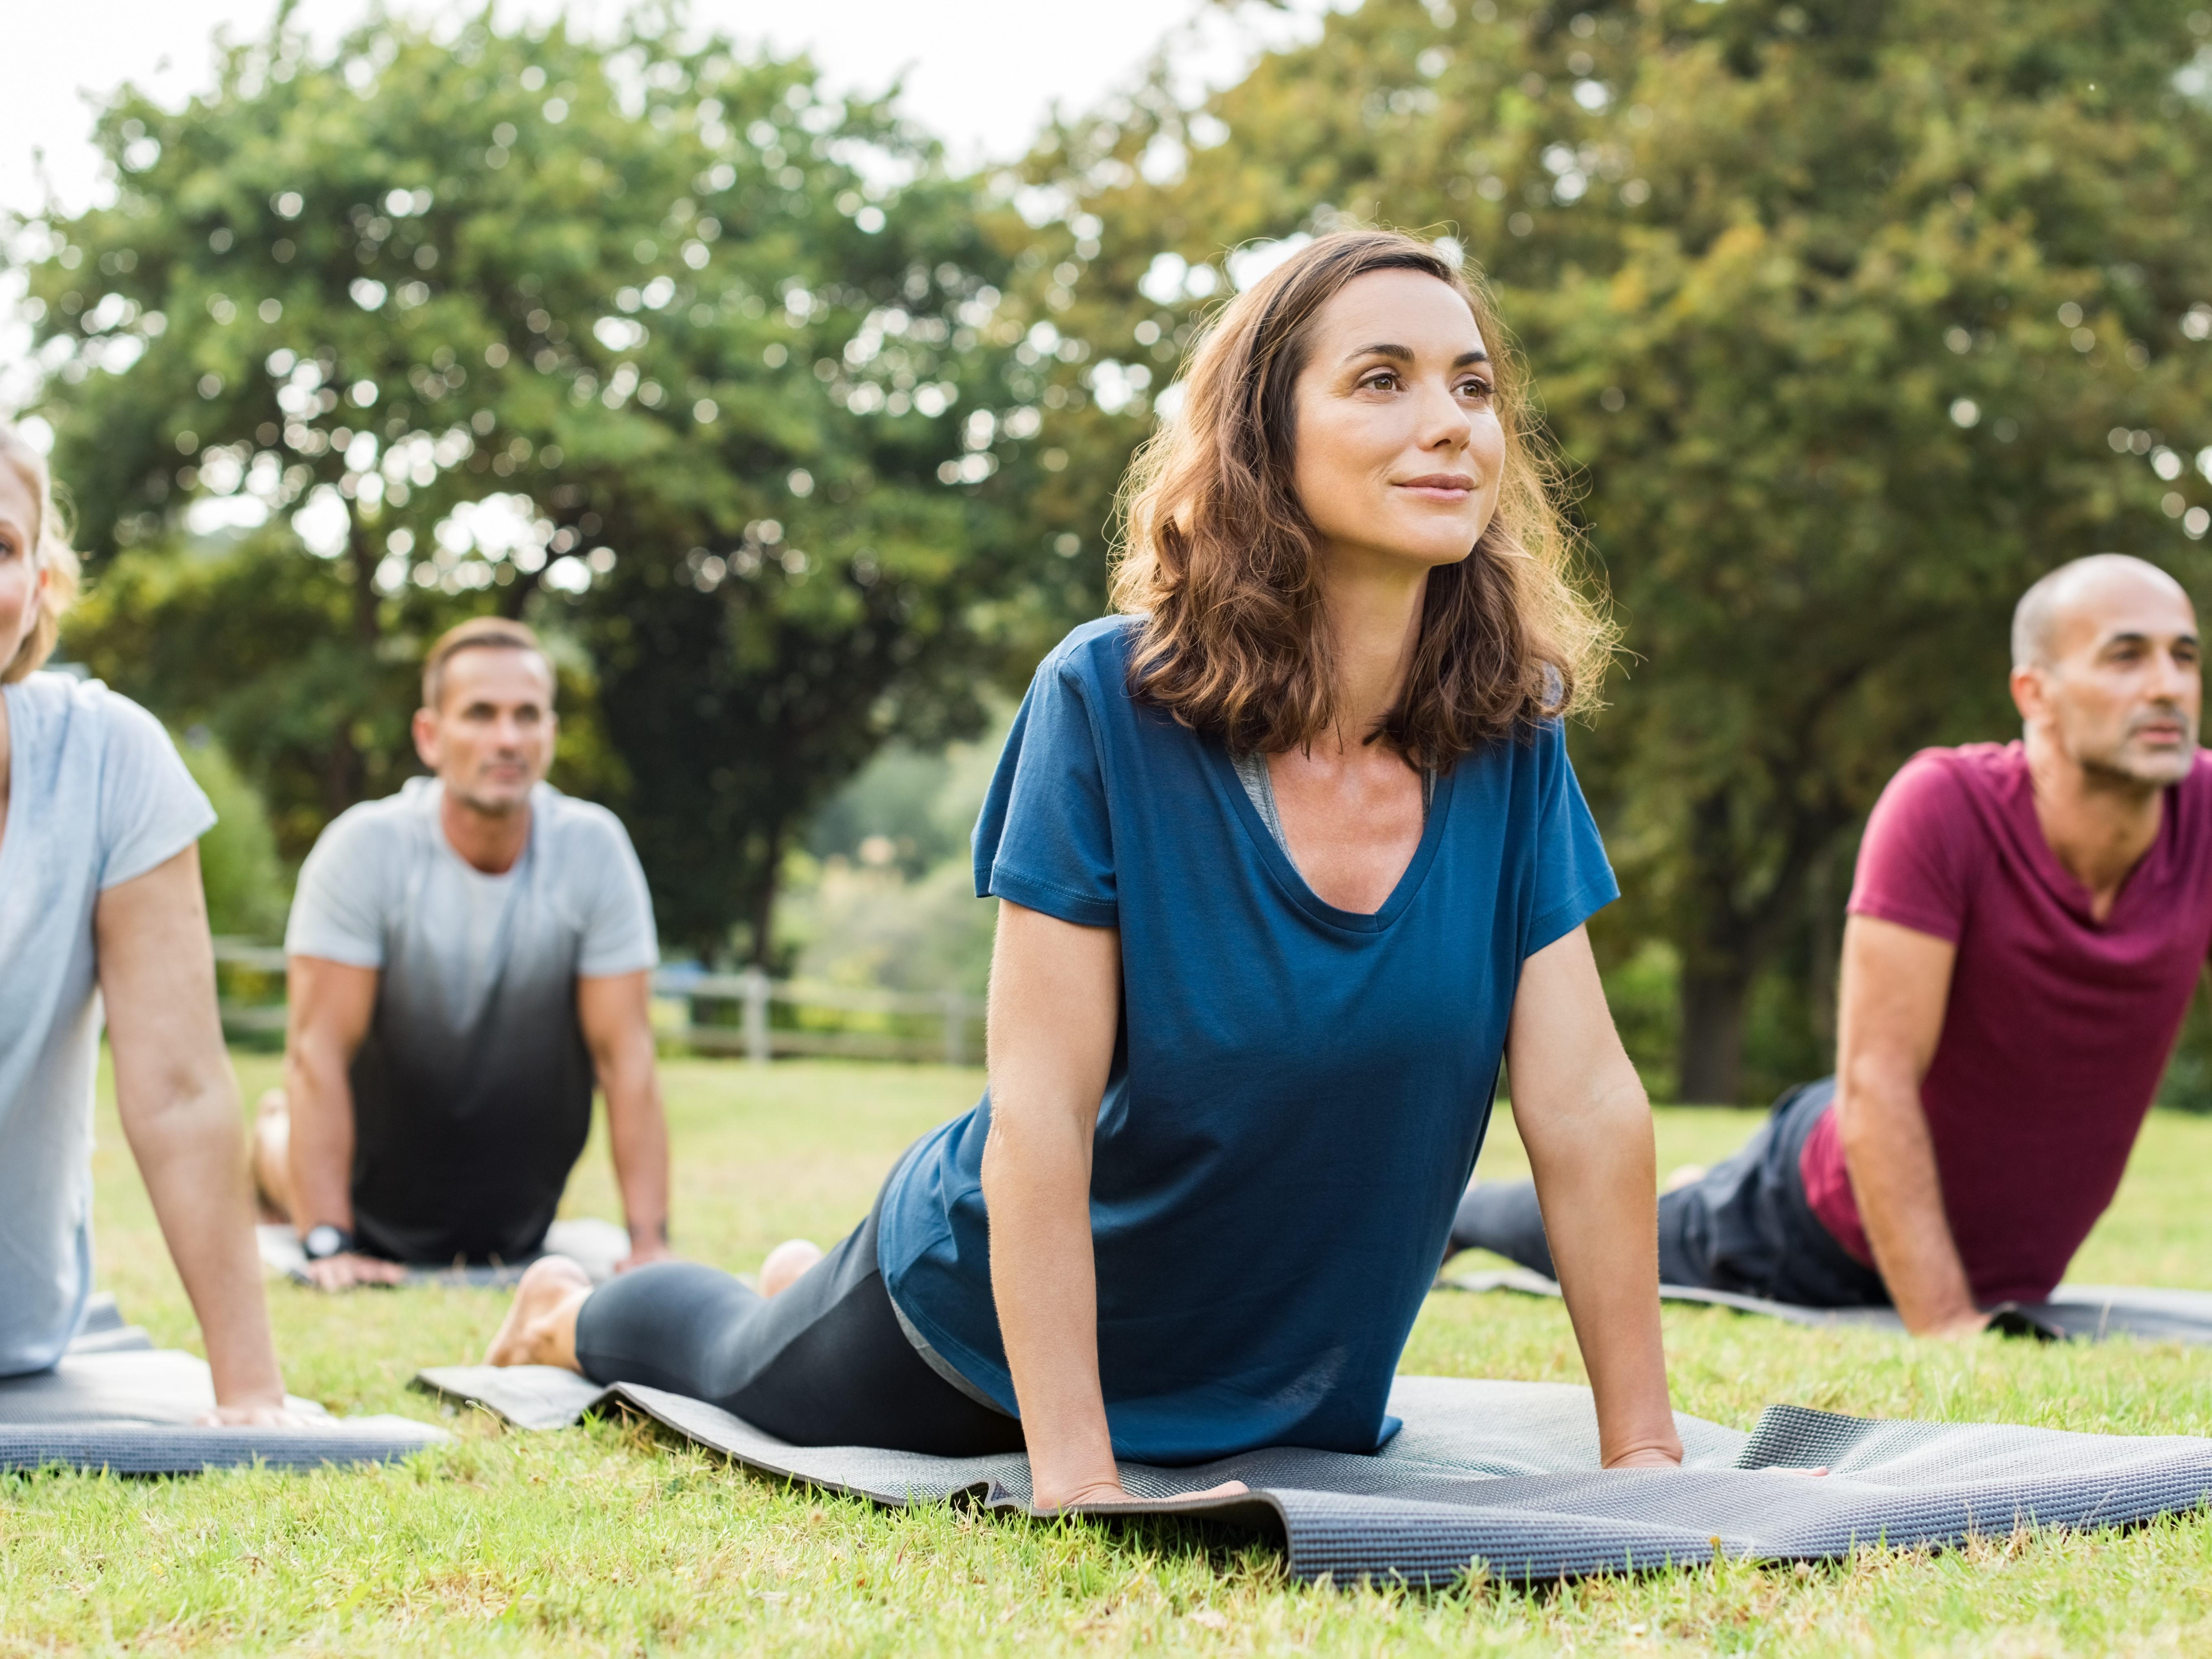 Rückenübungen, Menschen auf Gymnastikmatten in einem Park